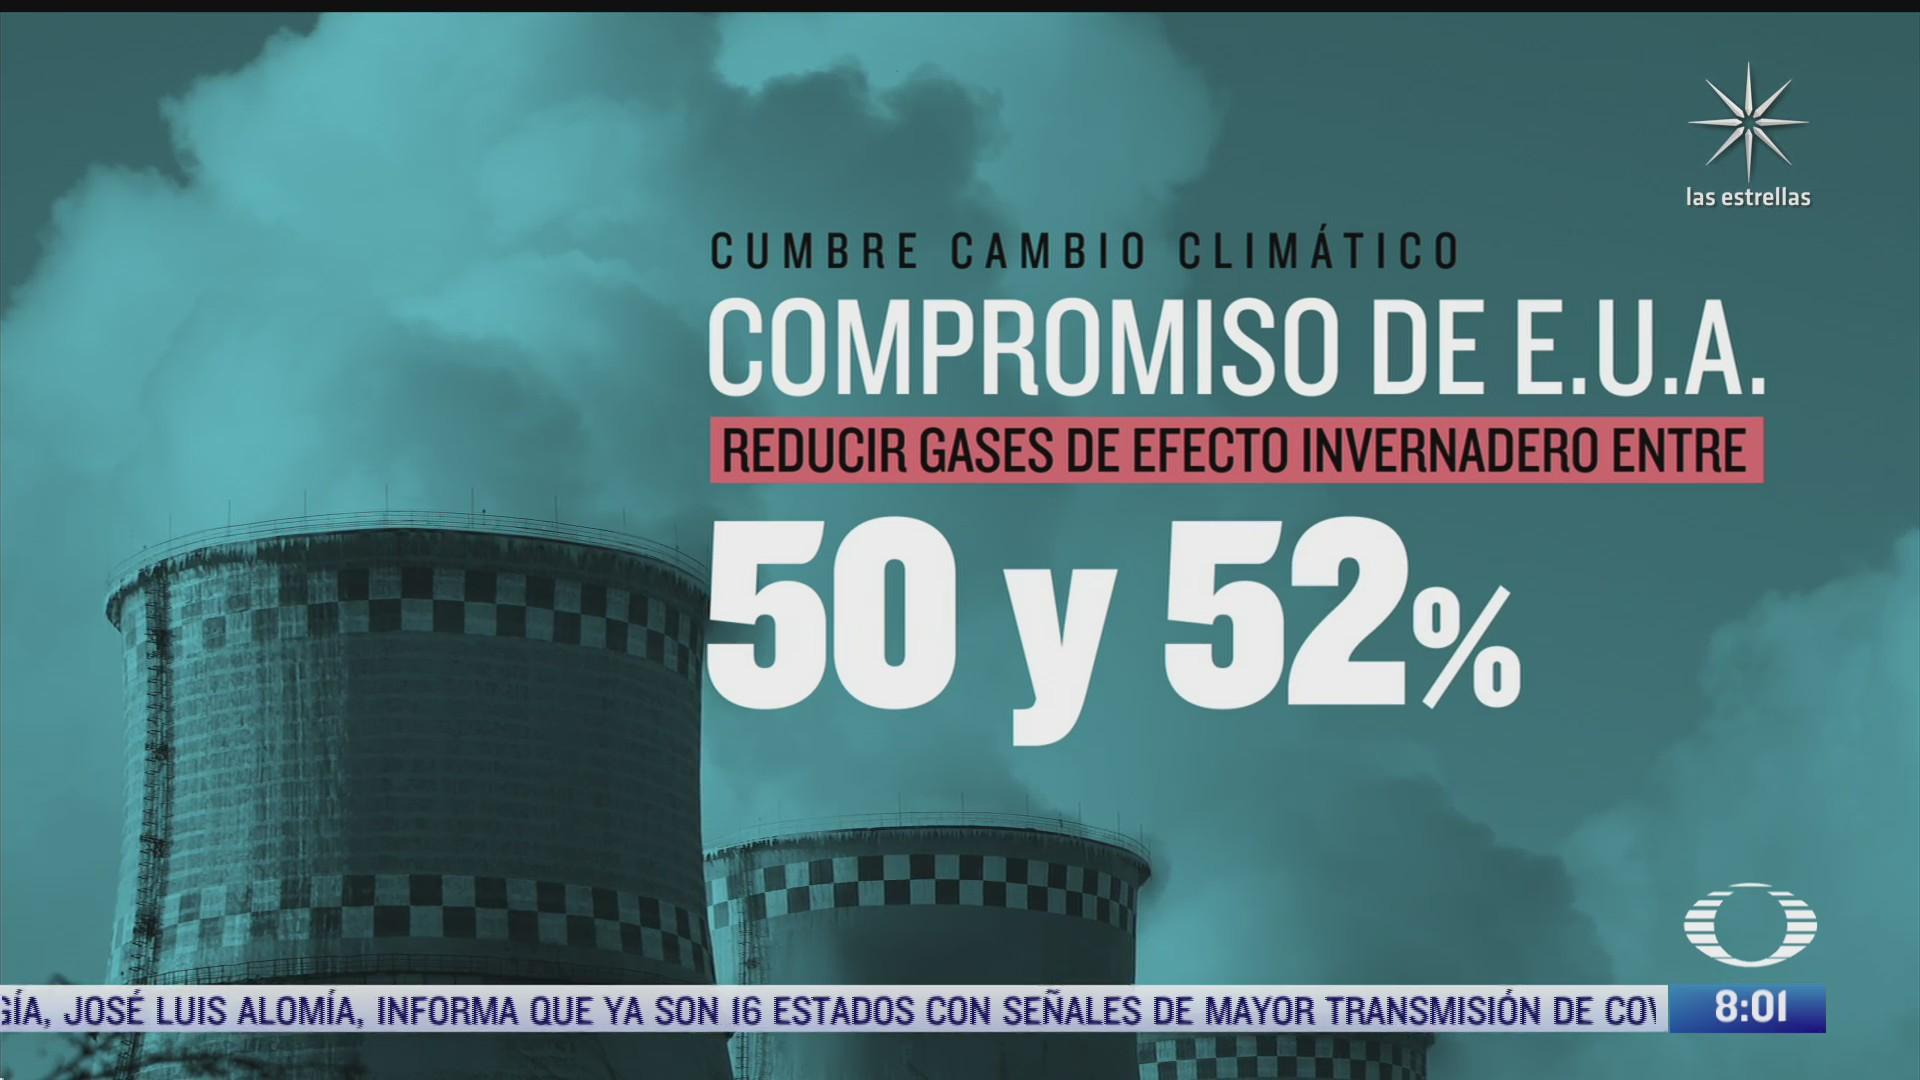 eeuu presenta ambicioso plan en la cumbre de lideres sobre el cambio climatico